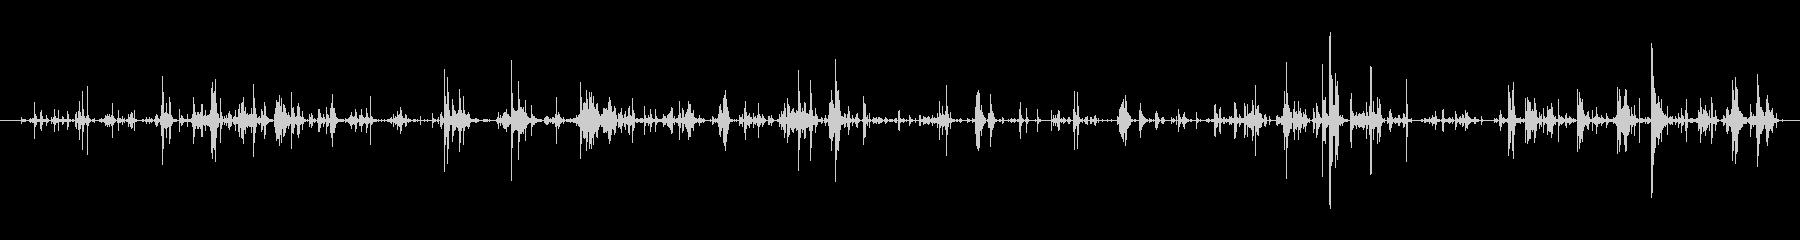 キー キーホルダー大ガラガラシーケ...の未再生の波形